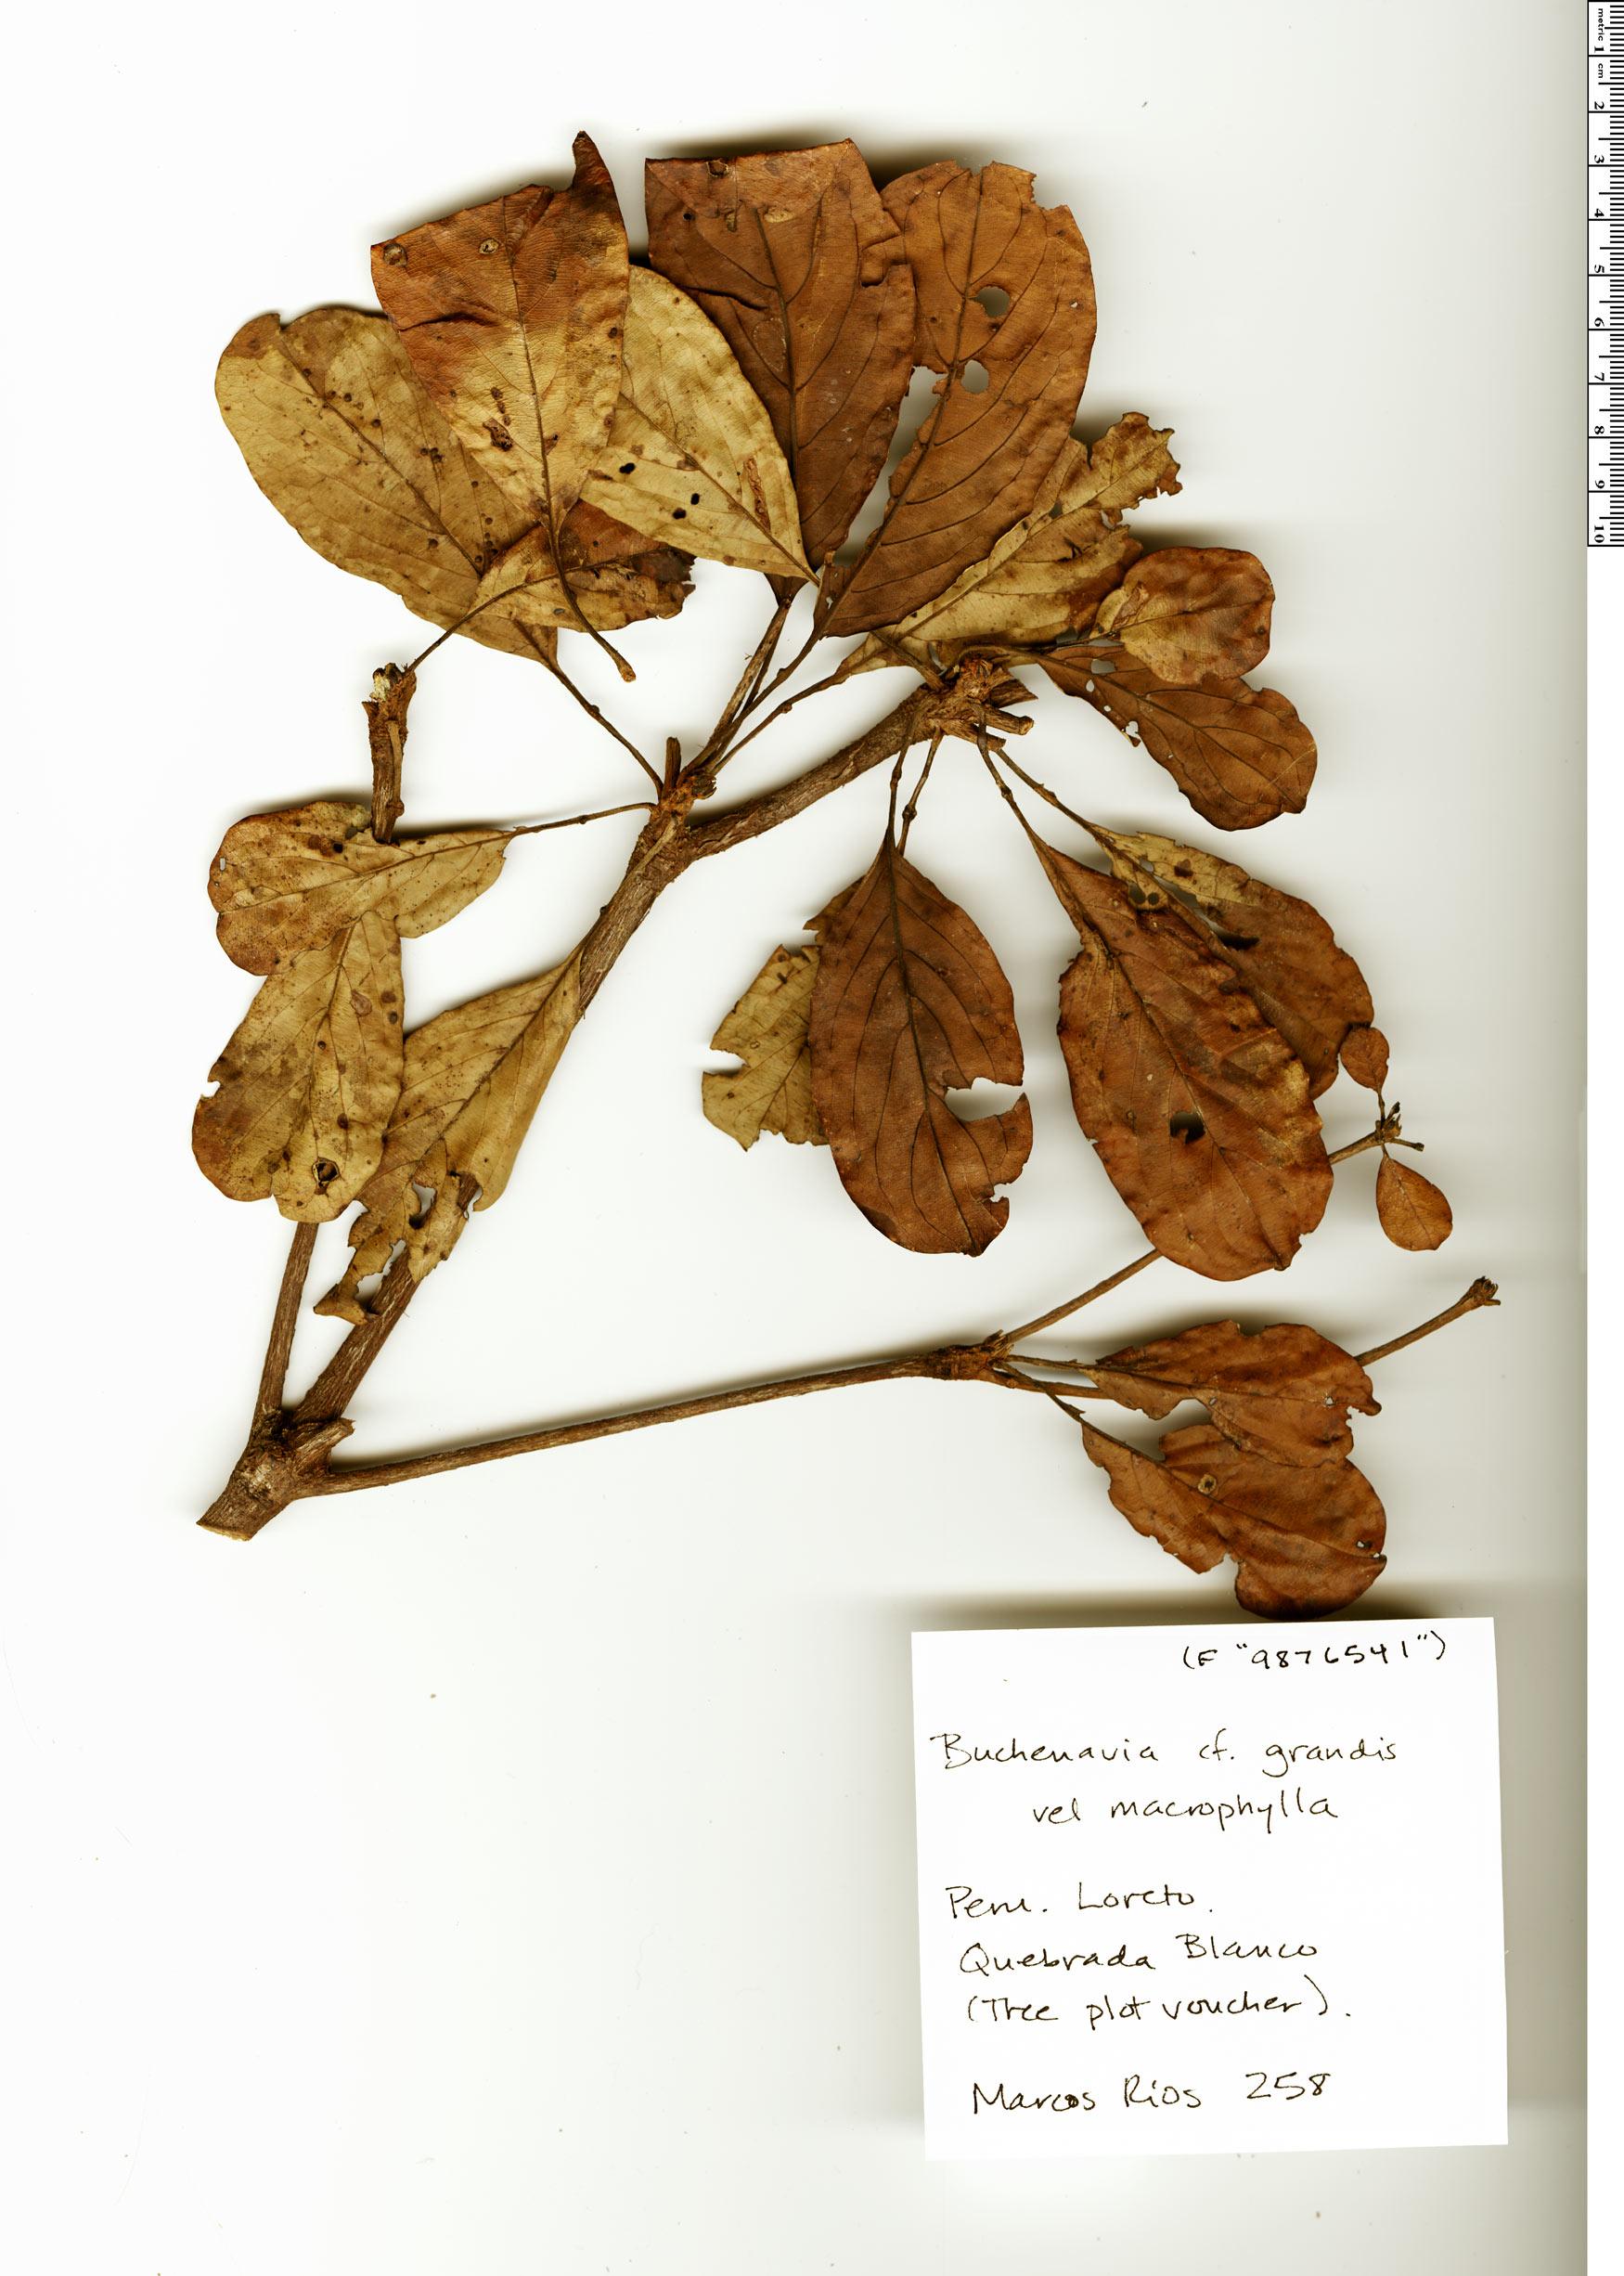 Specimen: Buchenavia macrophylla